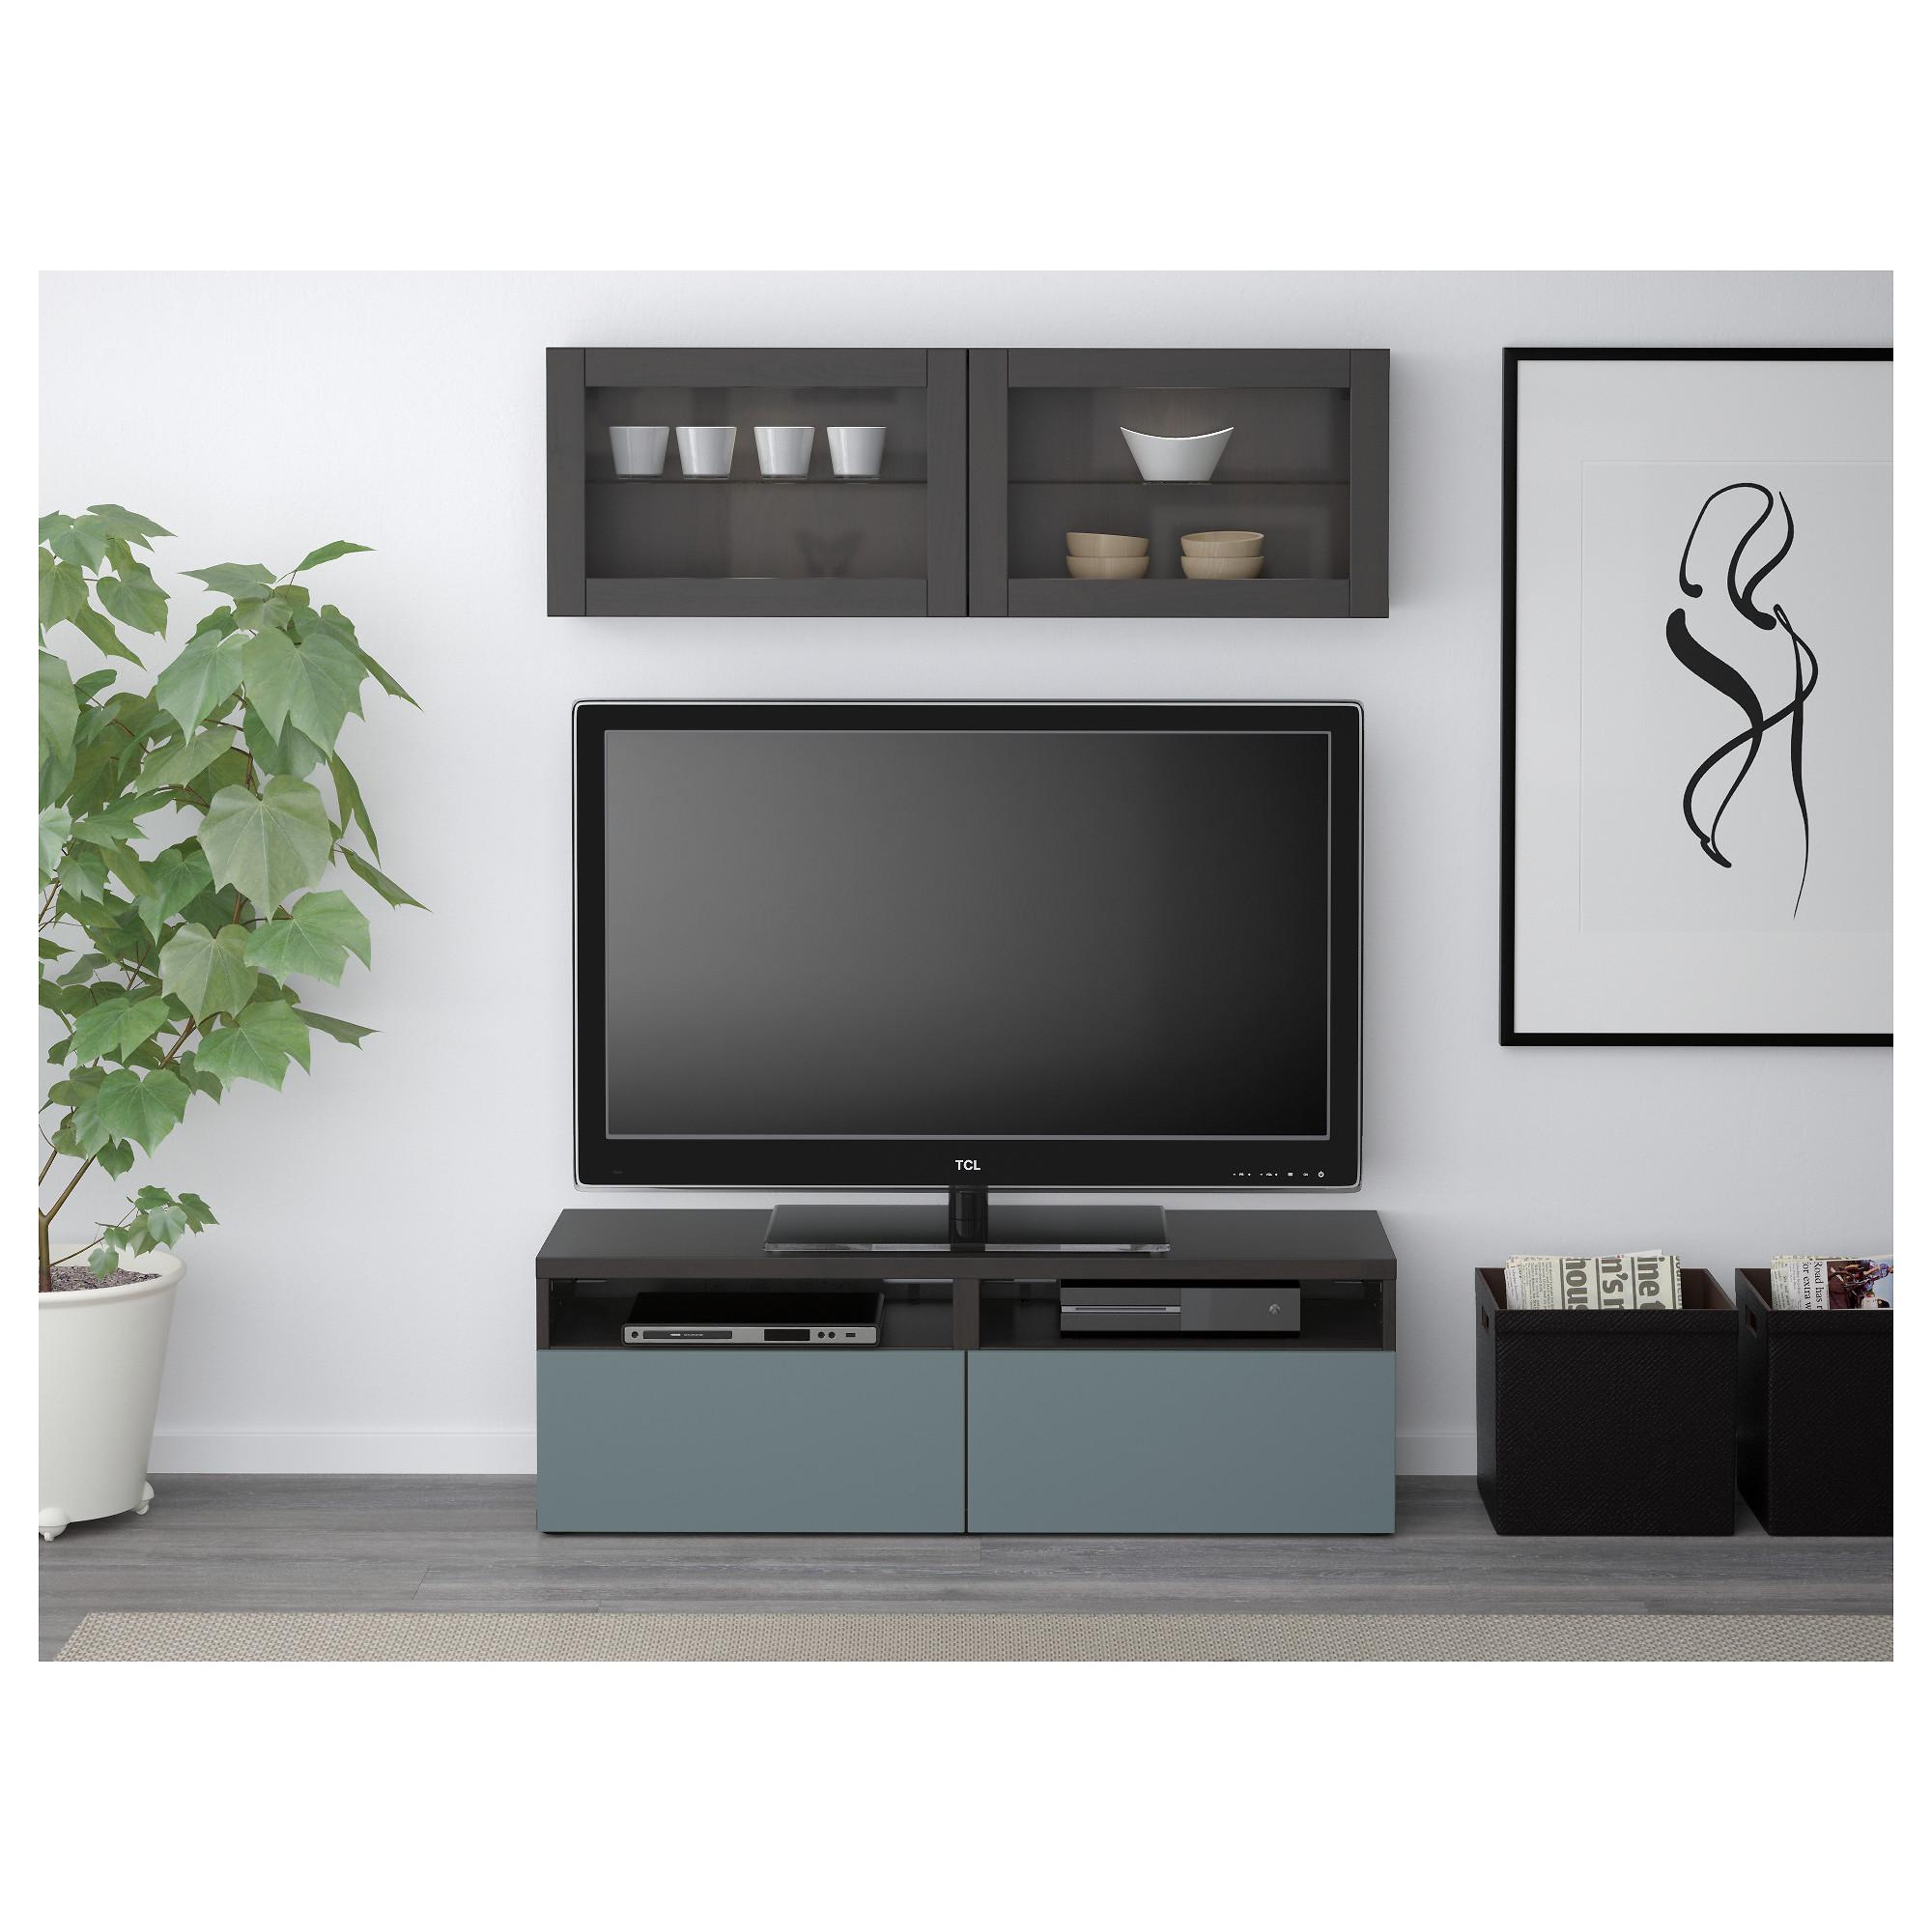 Шкаф для ТВ, комбинированный, стекляные дверцы БЕСТО артикуль № 392.504.94 в наличии. Online сайт IKEA Минск. Быстрая доставка и монтаж.